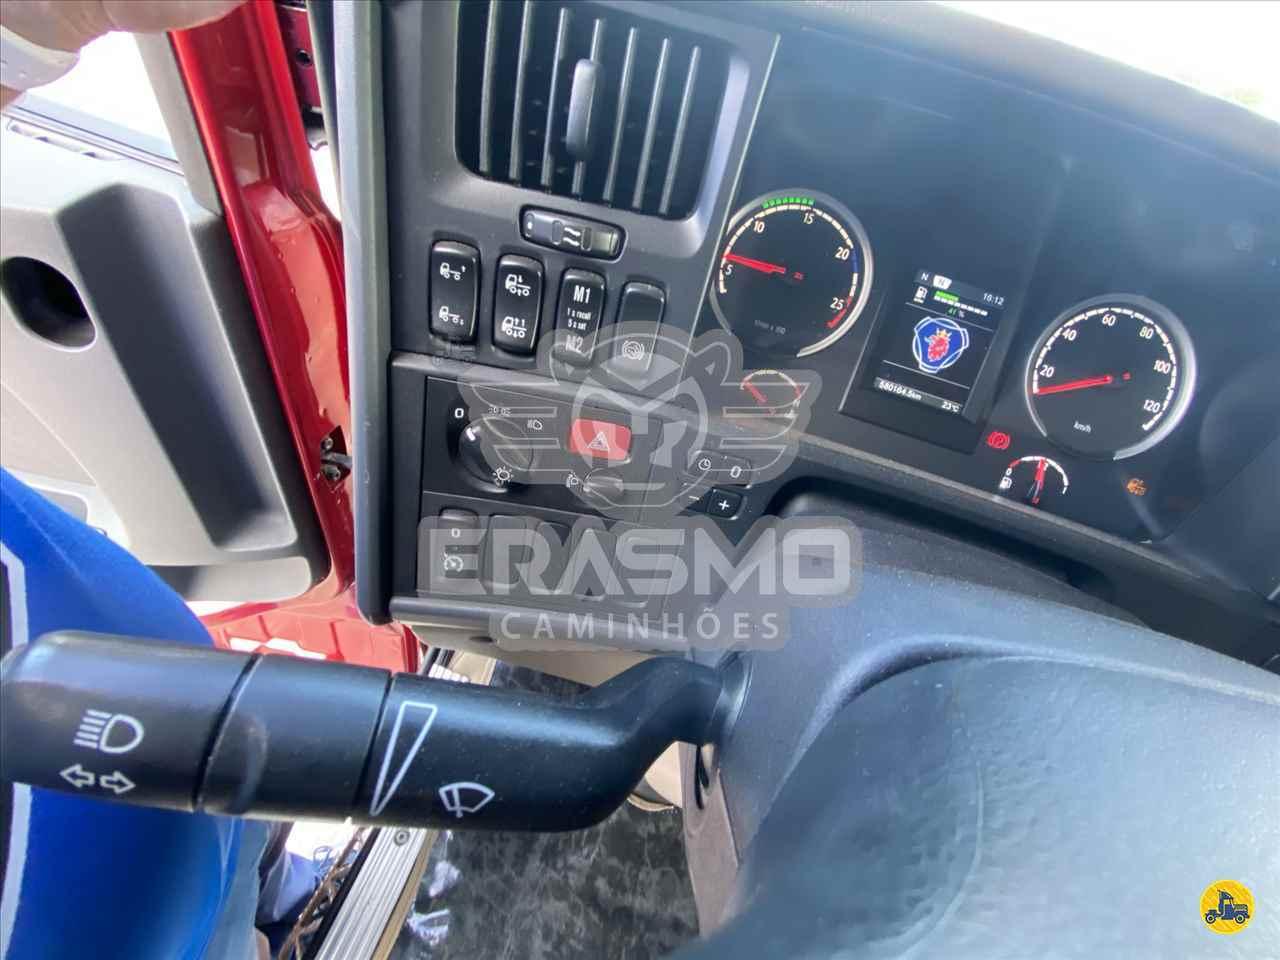 SCANIA SCANIA 440 580000km 2014/2014 Erasmo Caminhões